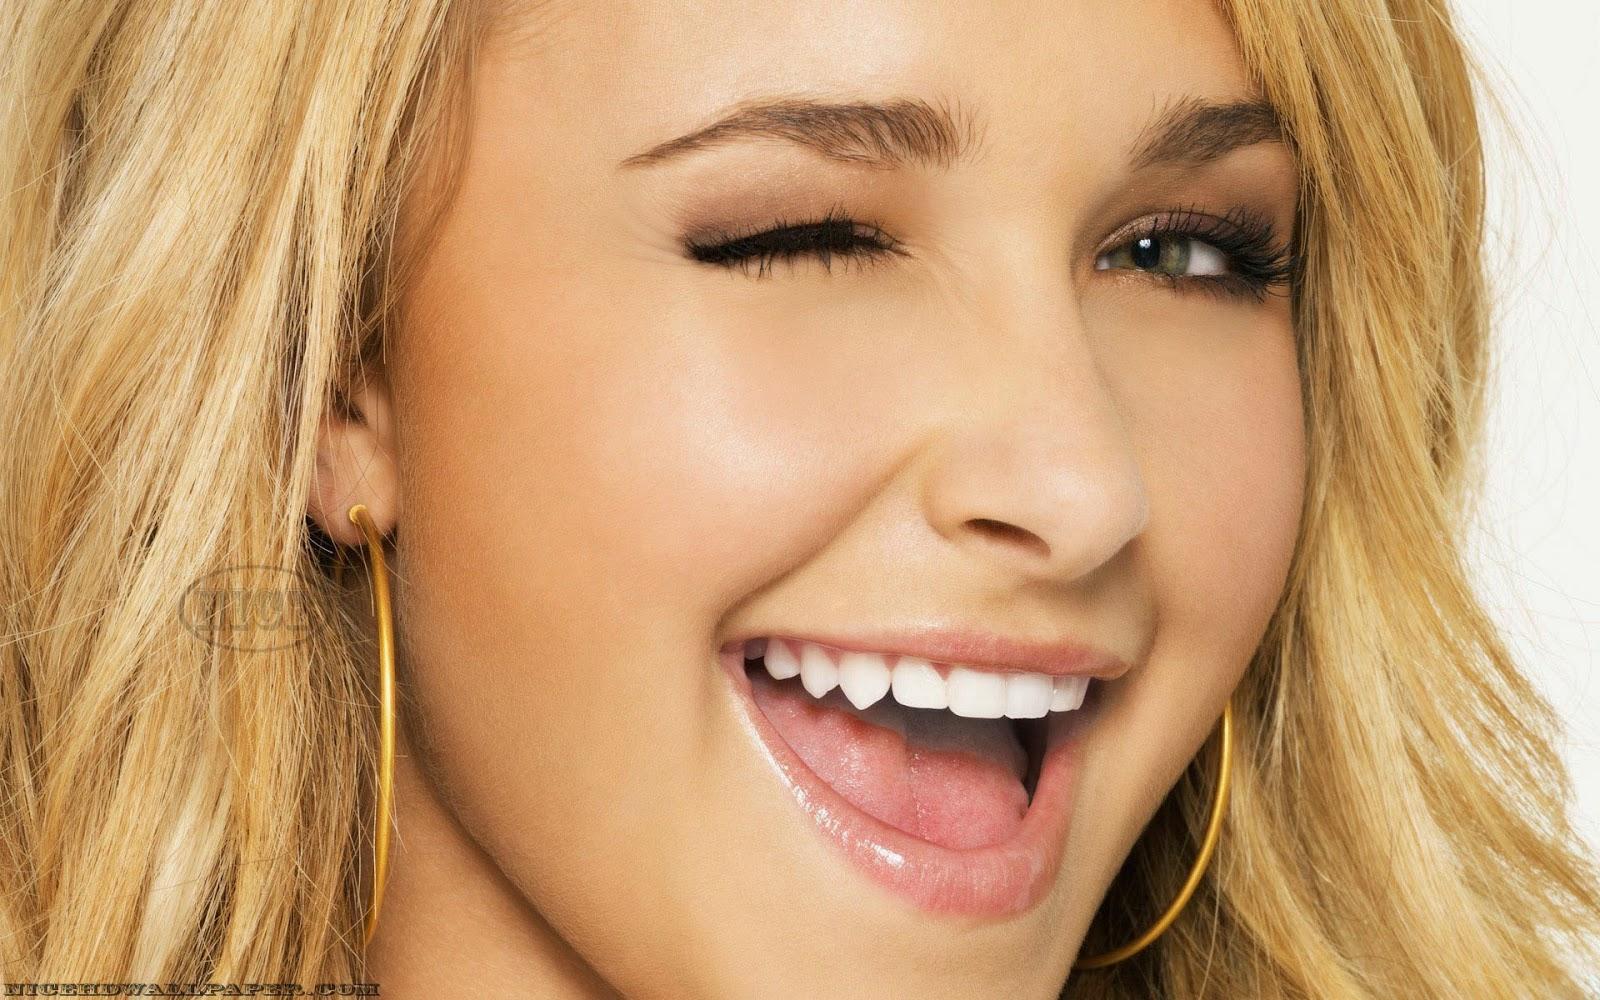 Hayden Leslie Panettiere hot close eye wallpapers